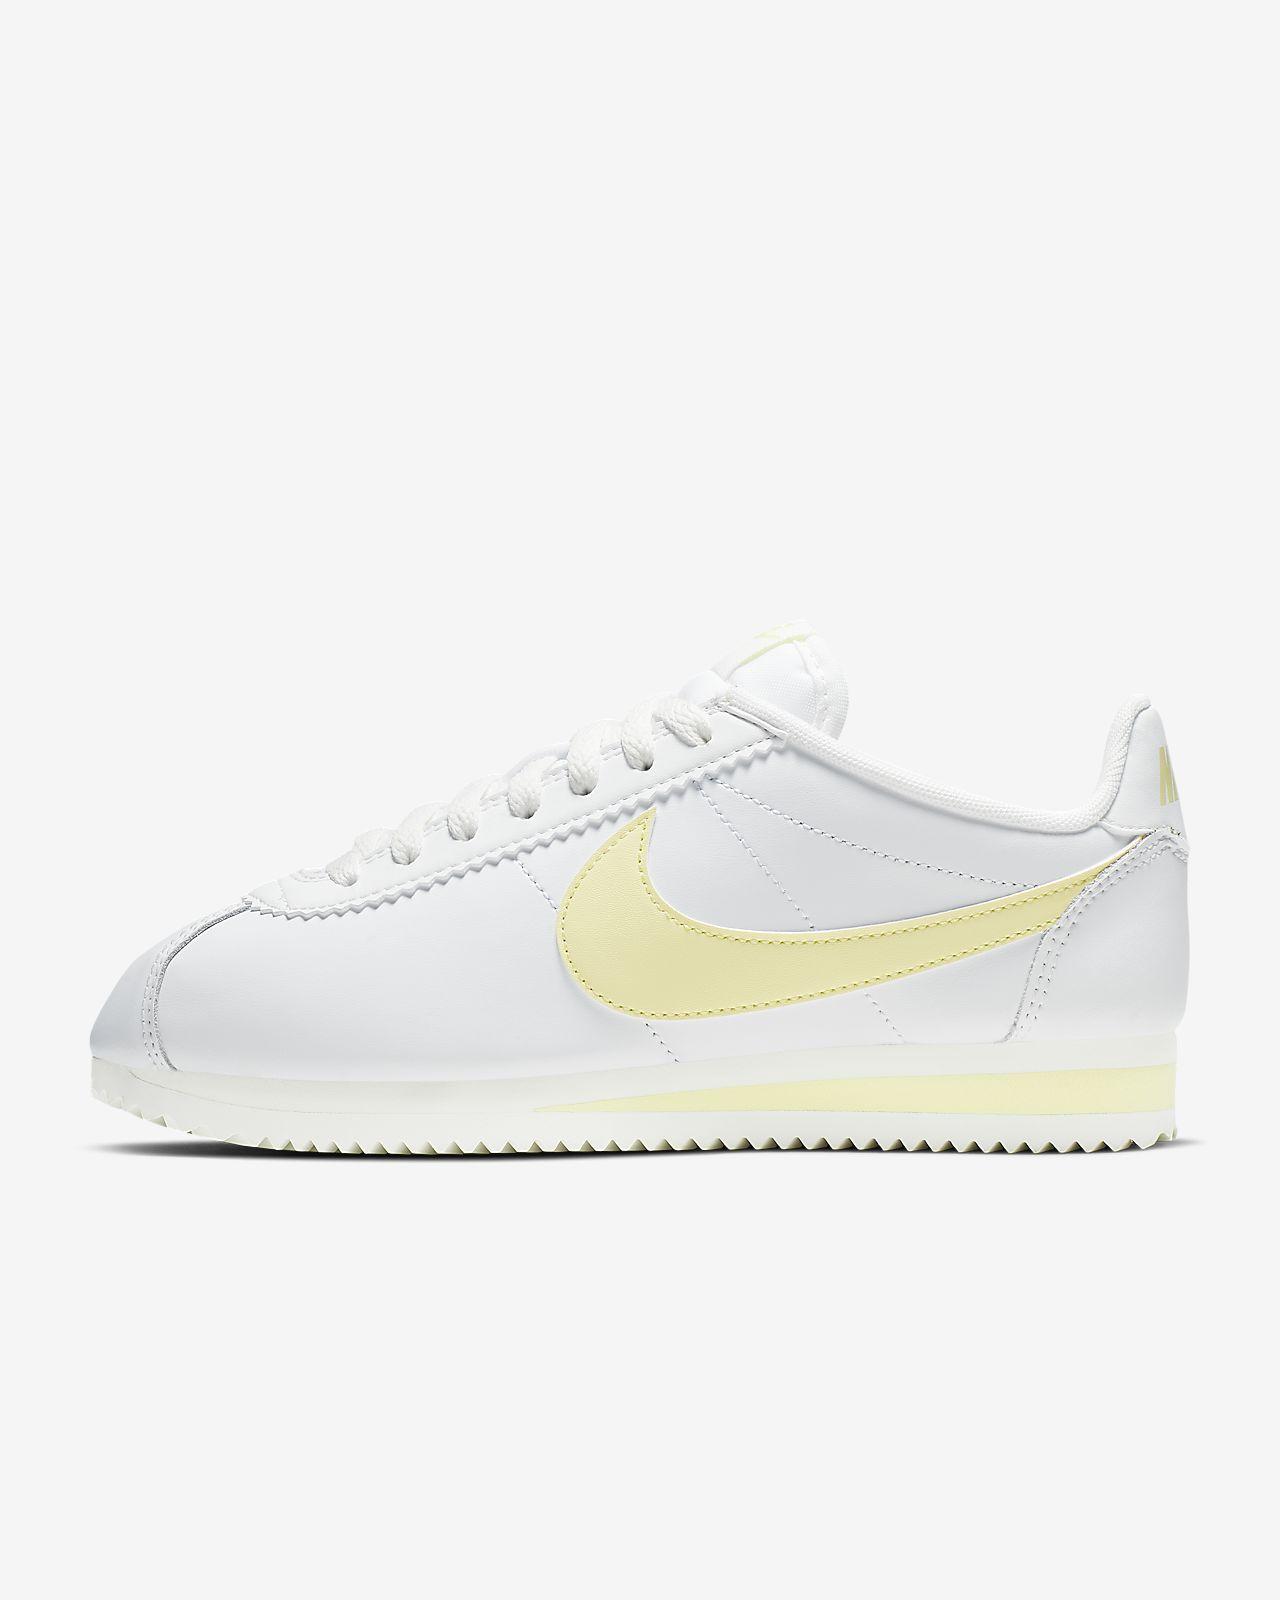 quality design d6354 f8263 Nike Classic Cortez Women's Shoe